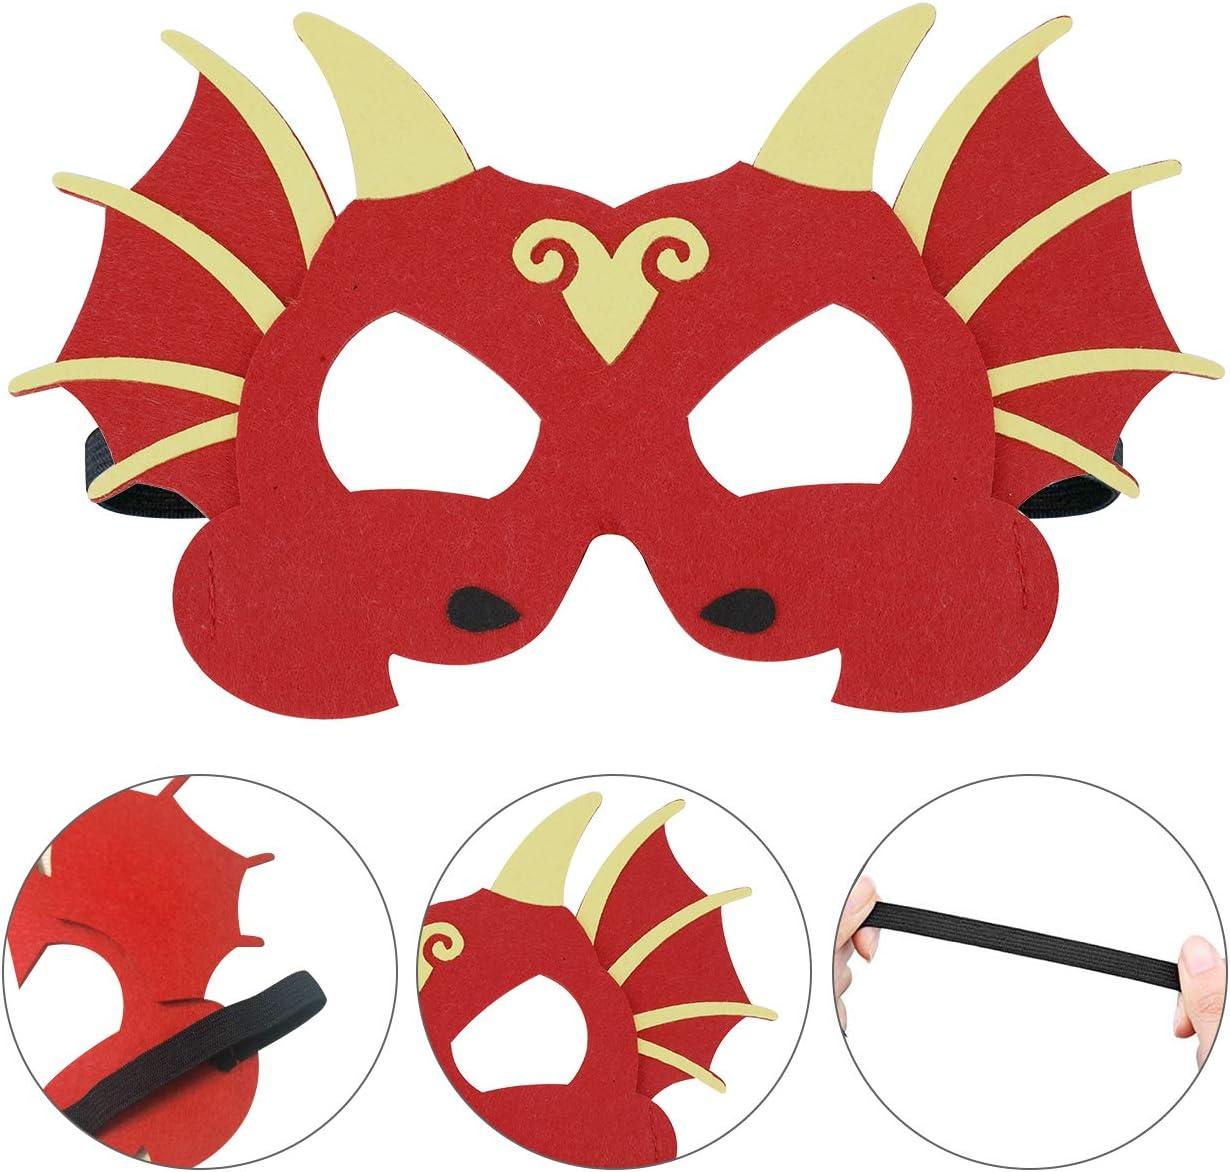 SUNSHINETEK Dinosaurier Party Masken 24er Pack Kinder Dinosaurier Schaum Masken Kinder Tier Gesichtsmasken f/ür Party Favors Dekorationen